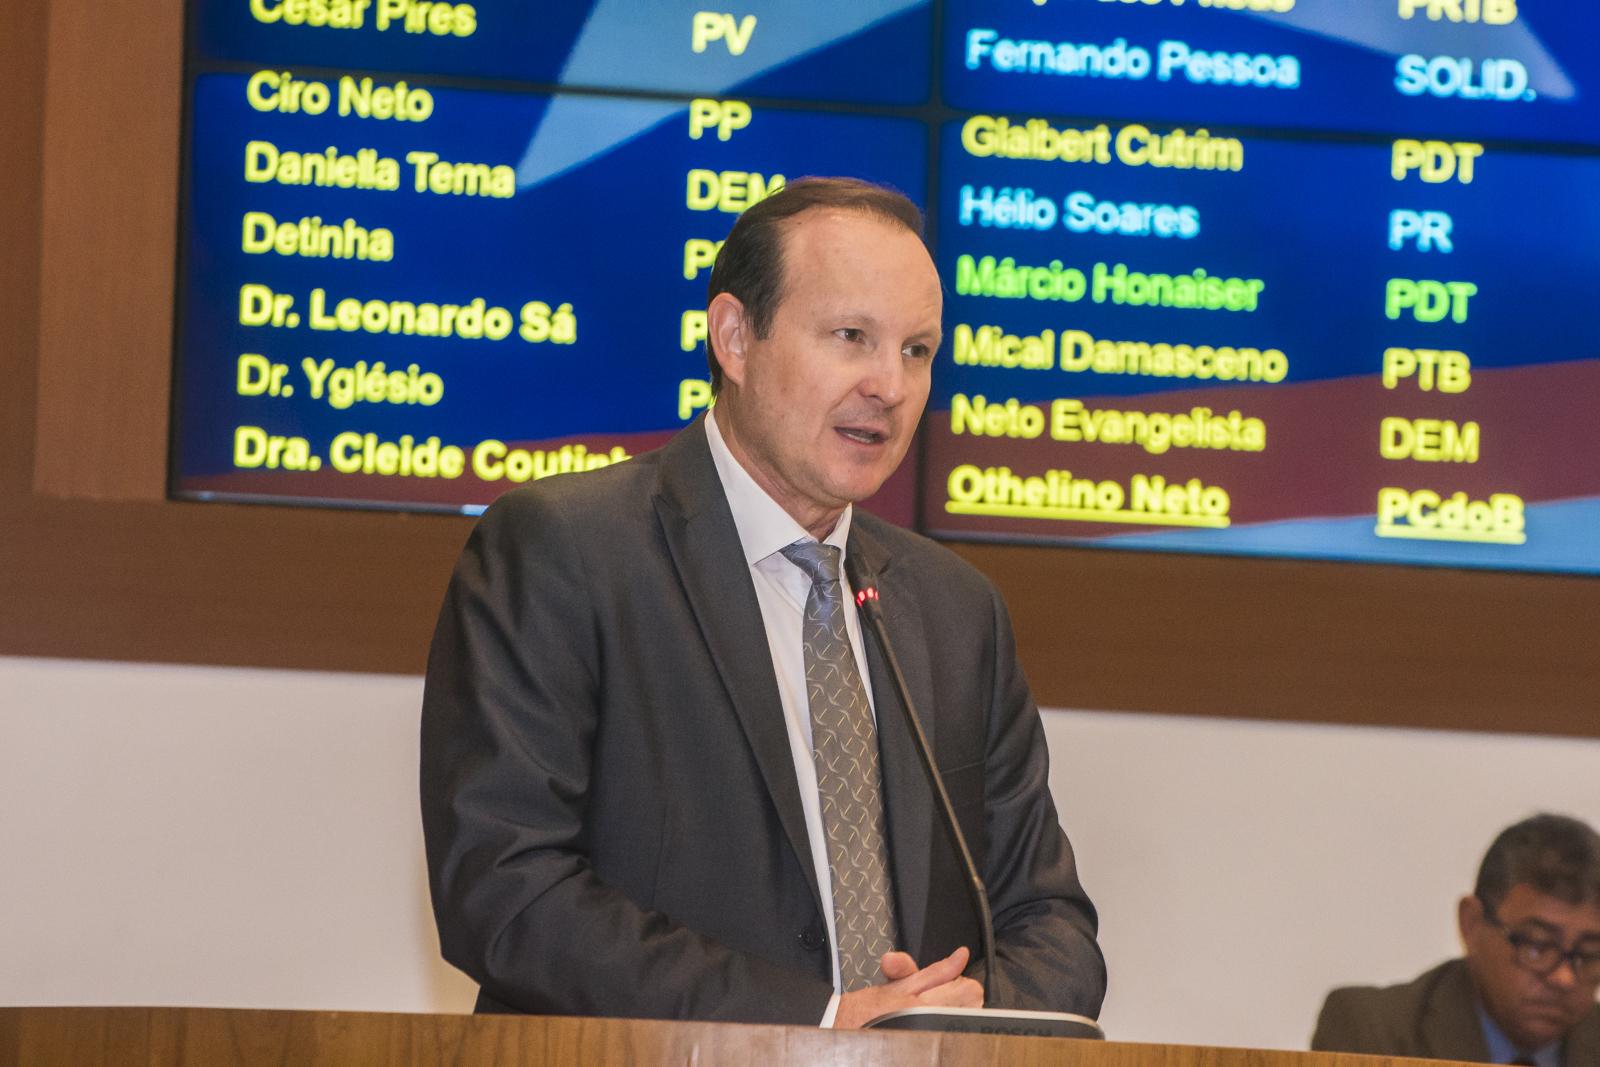 Márcio Honaiser parabeniza governo por entrega de obras na região sul do estado